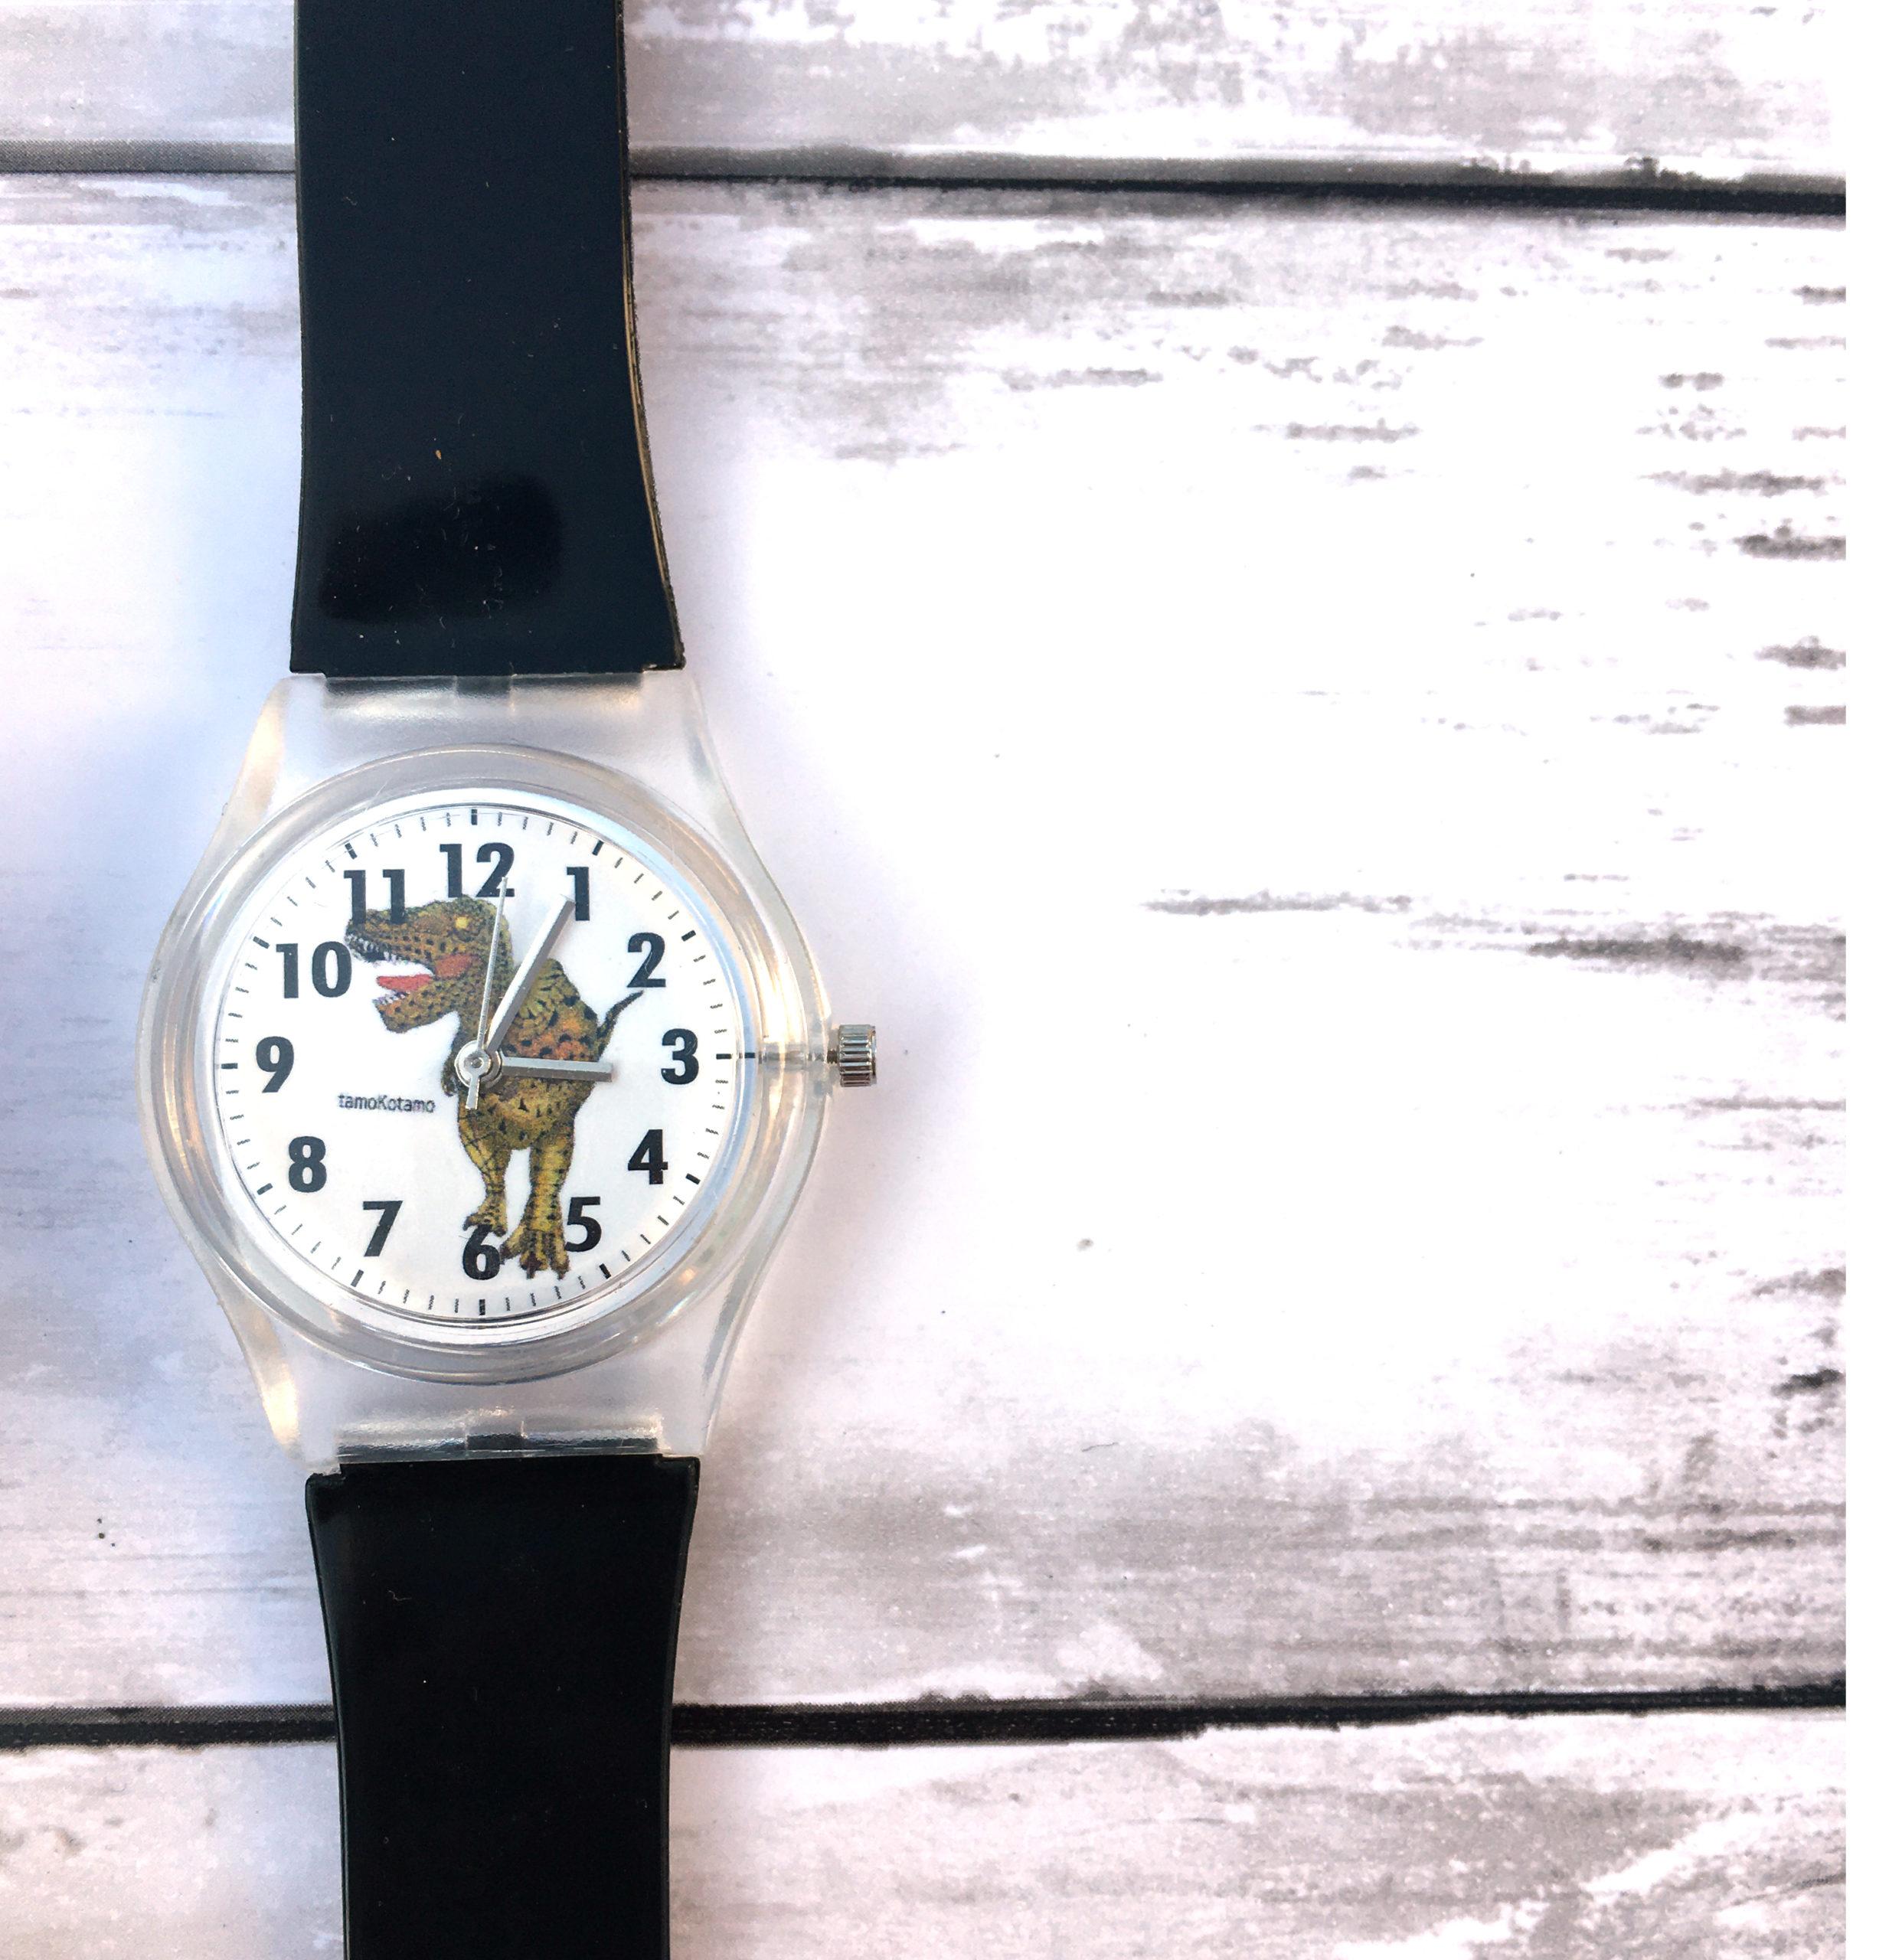 恐竜腕時計 ティラノサウルス リアルカラー(黒ベルト)